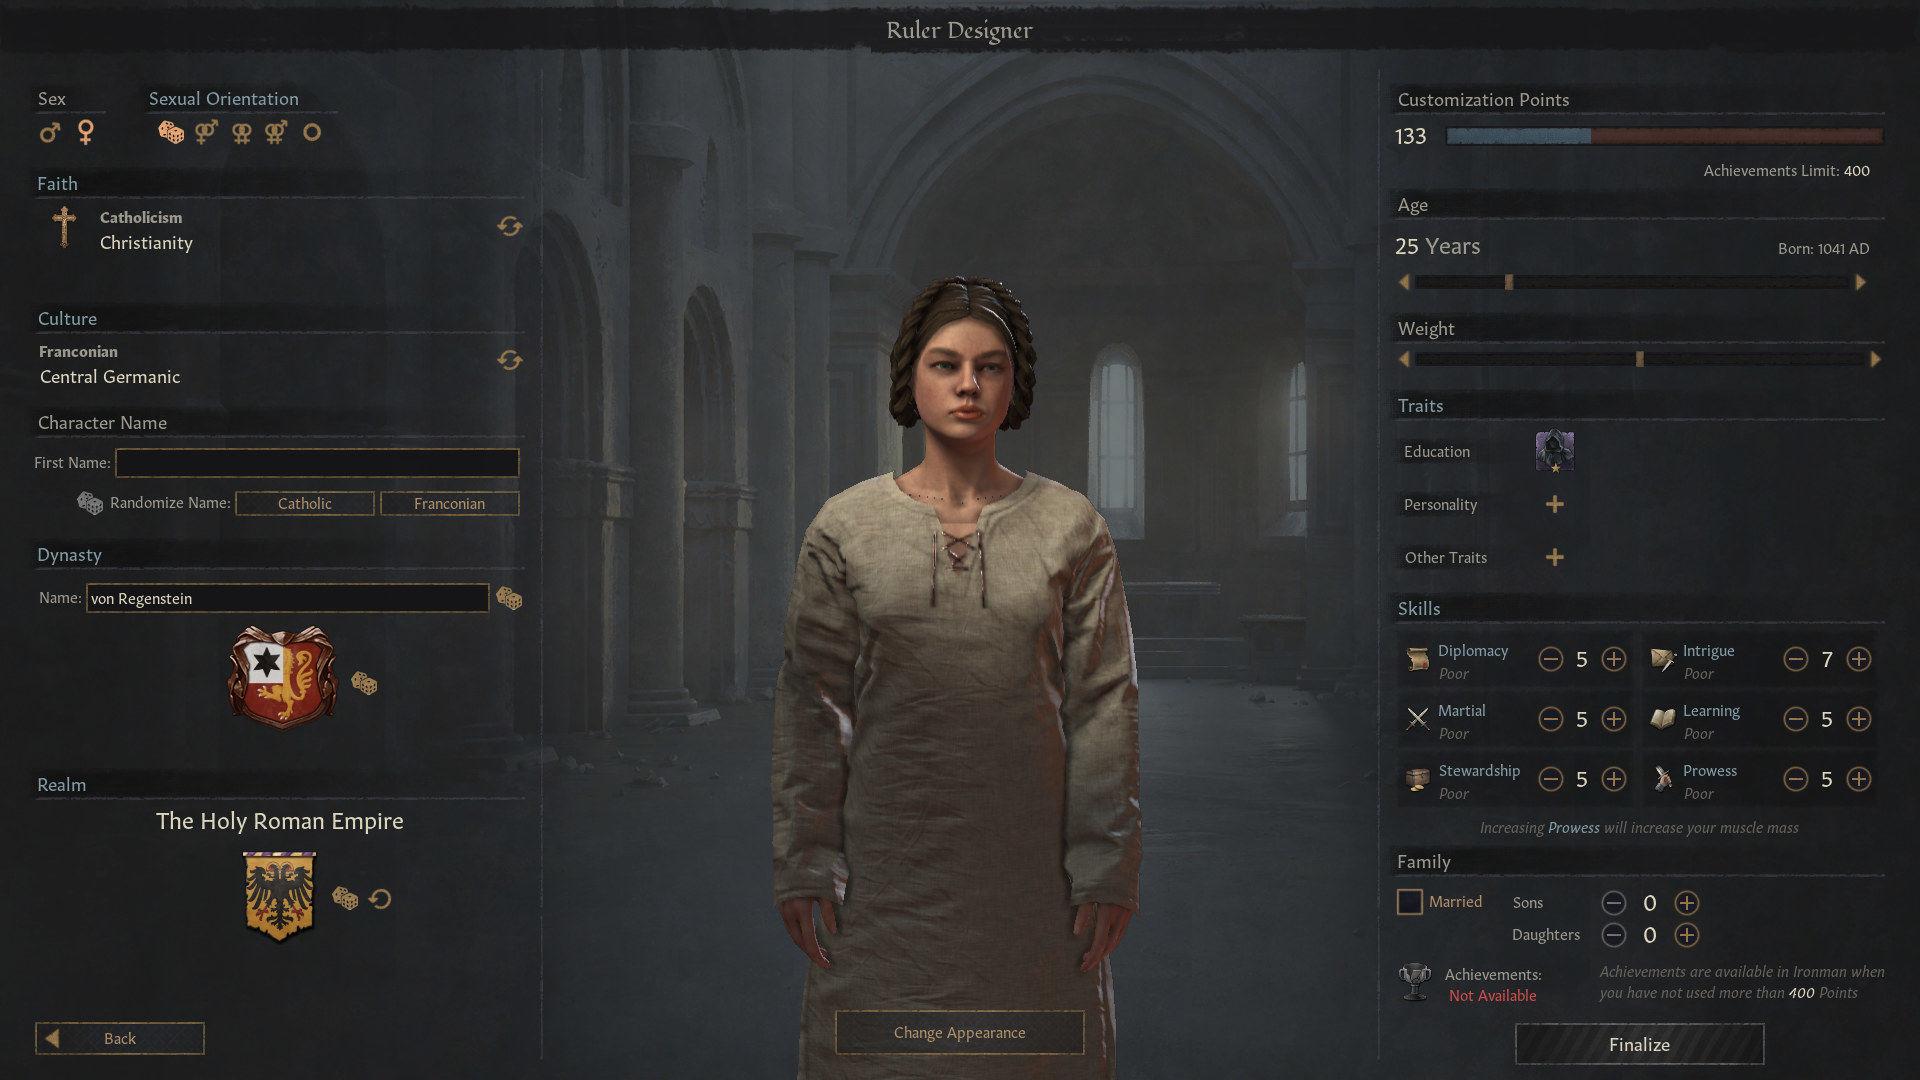 Crusader Kings 3 Ruler Designer güncellemesi çıktı